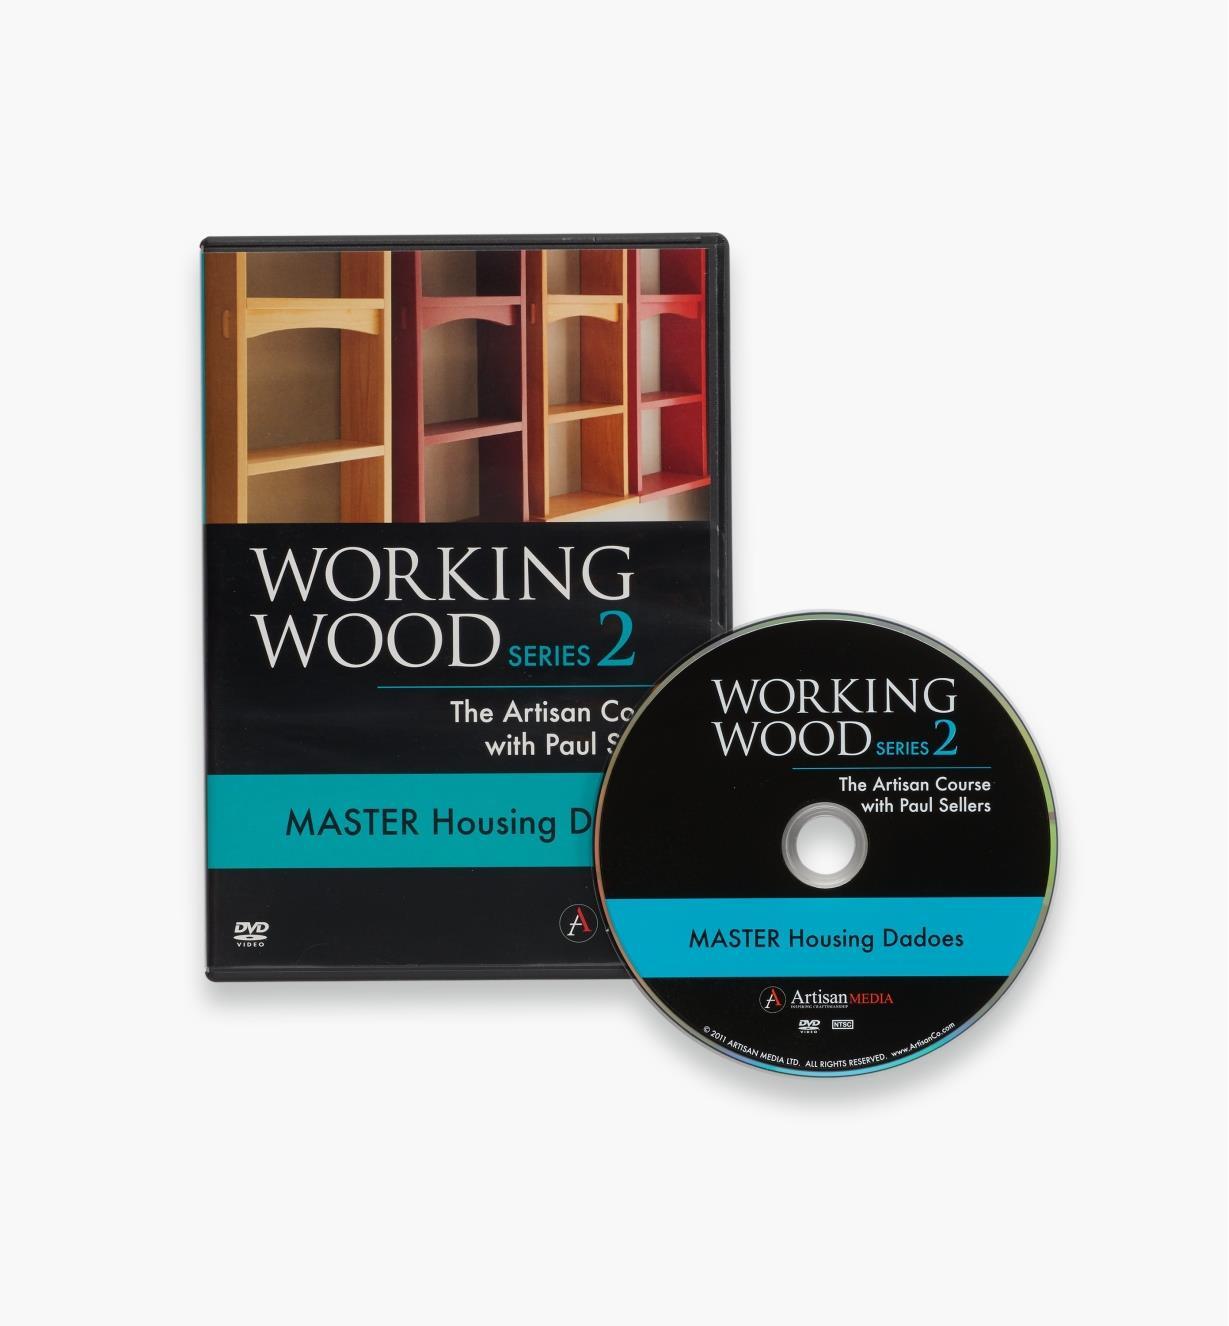 20L2004 - DVD 4: Housing Dadoes